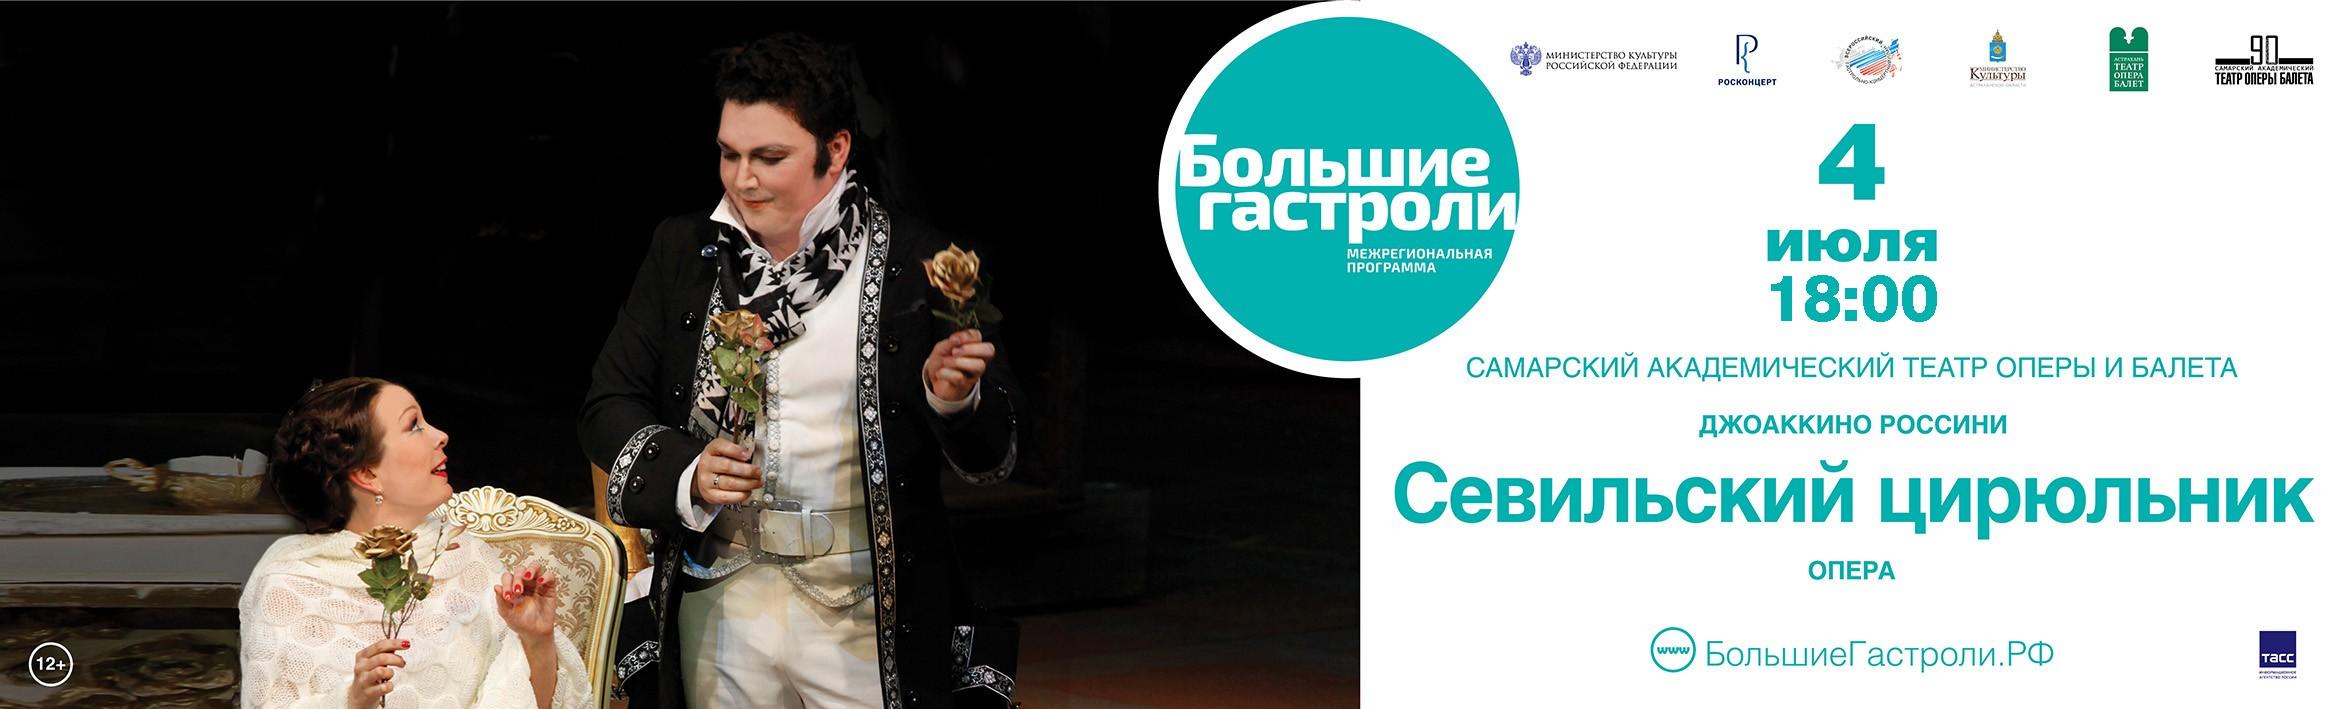 Опера «Севильский цирюльник». Самарский театр оперы и балета.